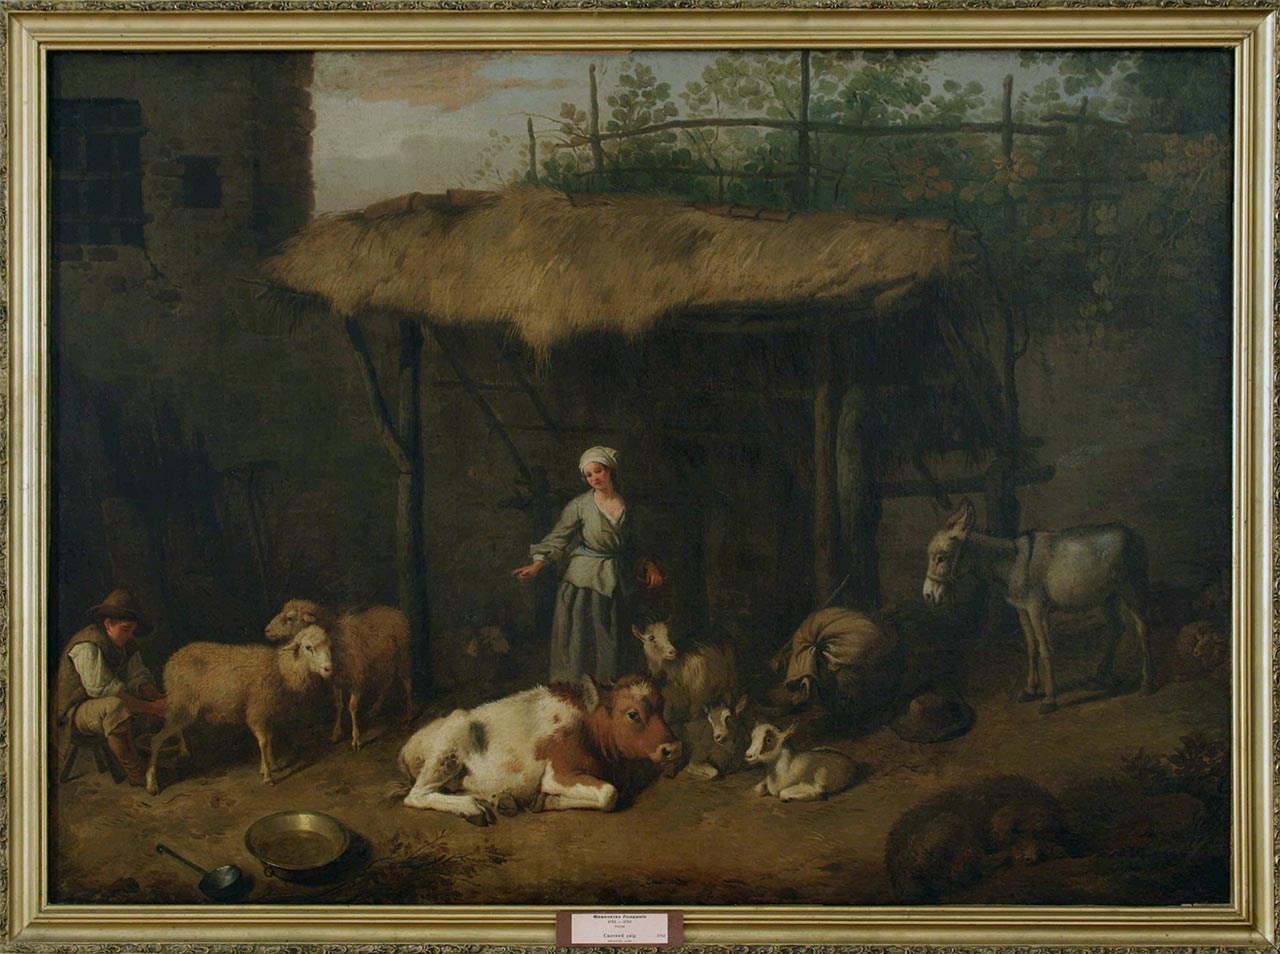 Франческо Лондоніо. Сільське подвір'я, 1723 – 1783. З колекції Художнього музею у Луцьку